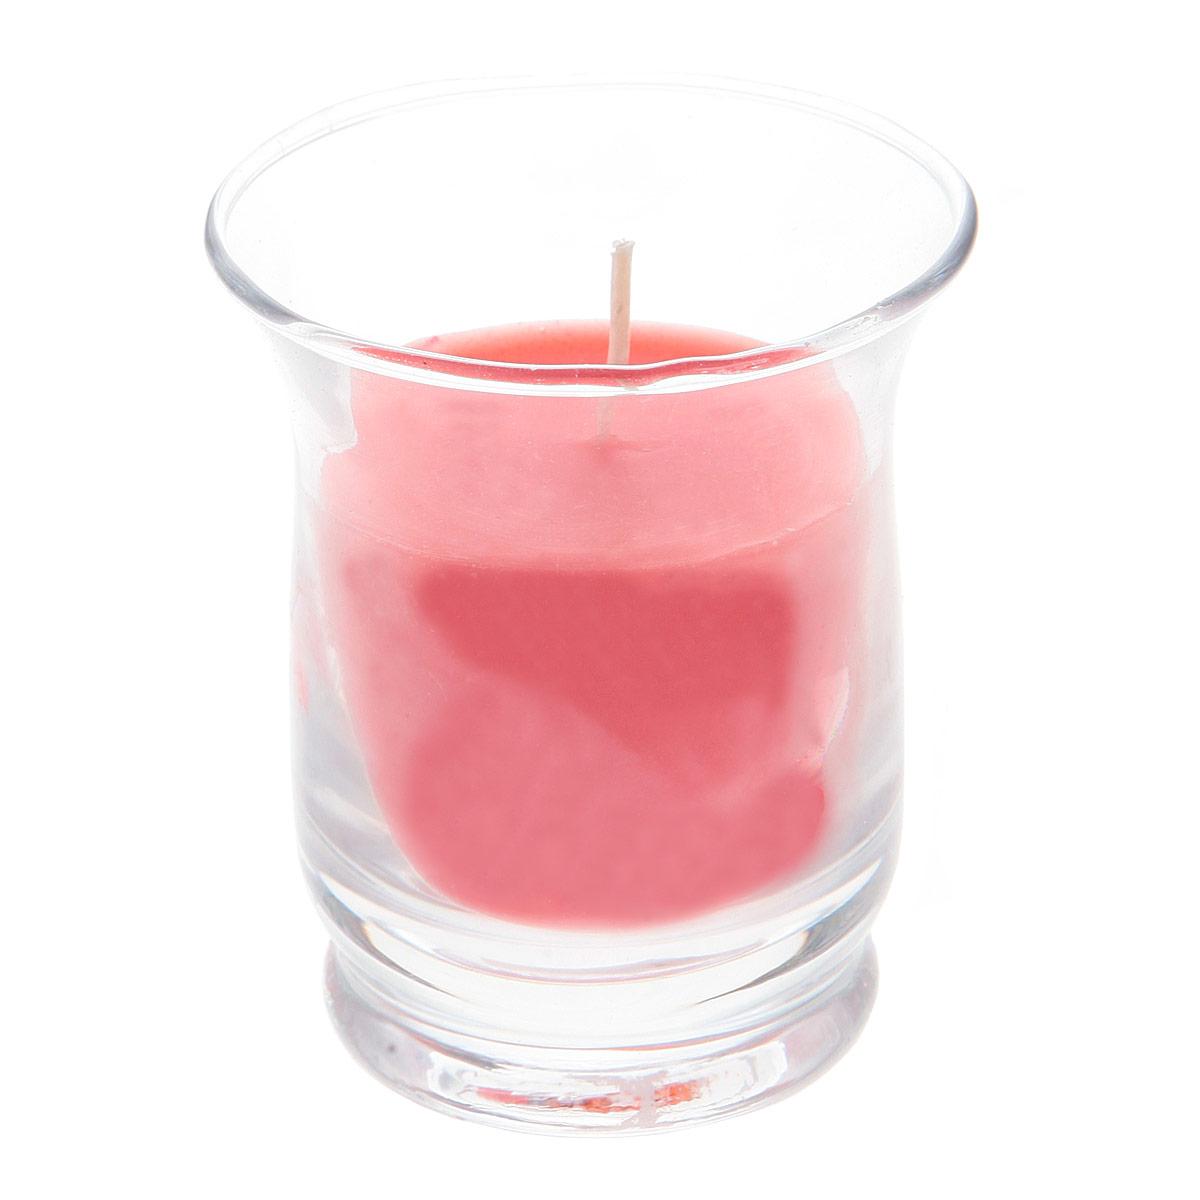 Свеча ароматизированная Sima-land Клубника, высота 7 см849620Ароматизированная свеча Sima-land Клубника изготовлена из воска и расположена в стеклянном стакане. Изделие отличается оригинальным дизайном и приятным ягодным ароматом. Такая свеча может стать отличным подарком или дополнить интерьер вашей комнаты.